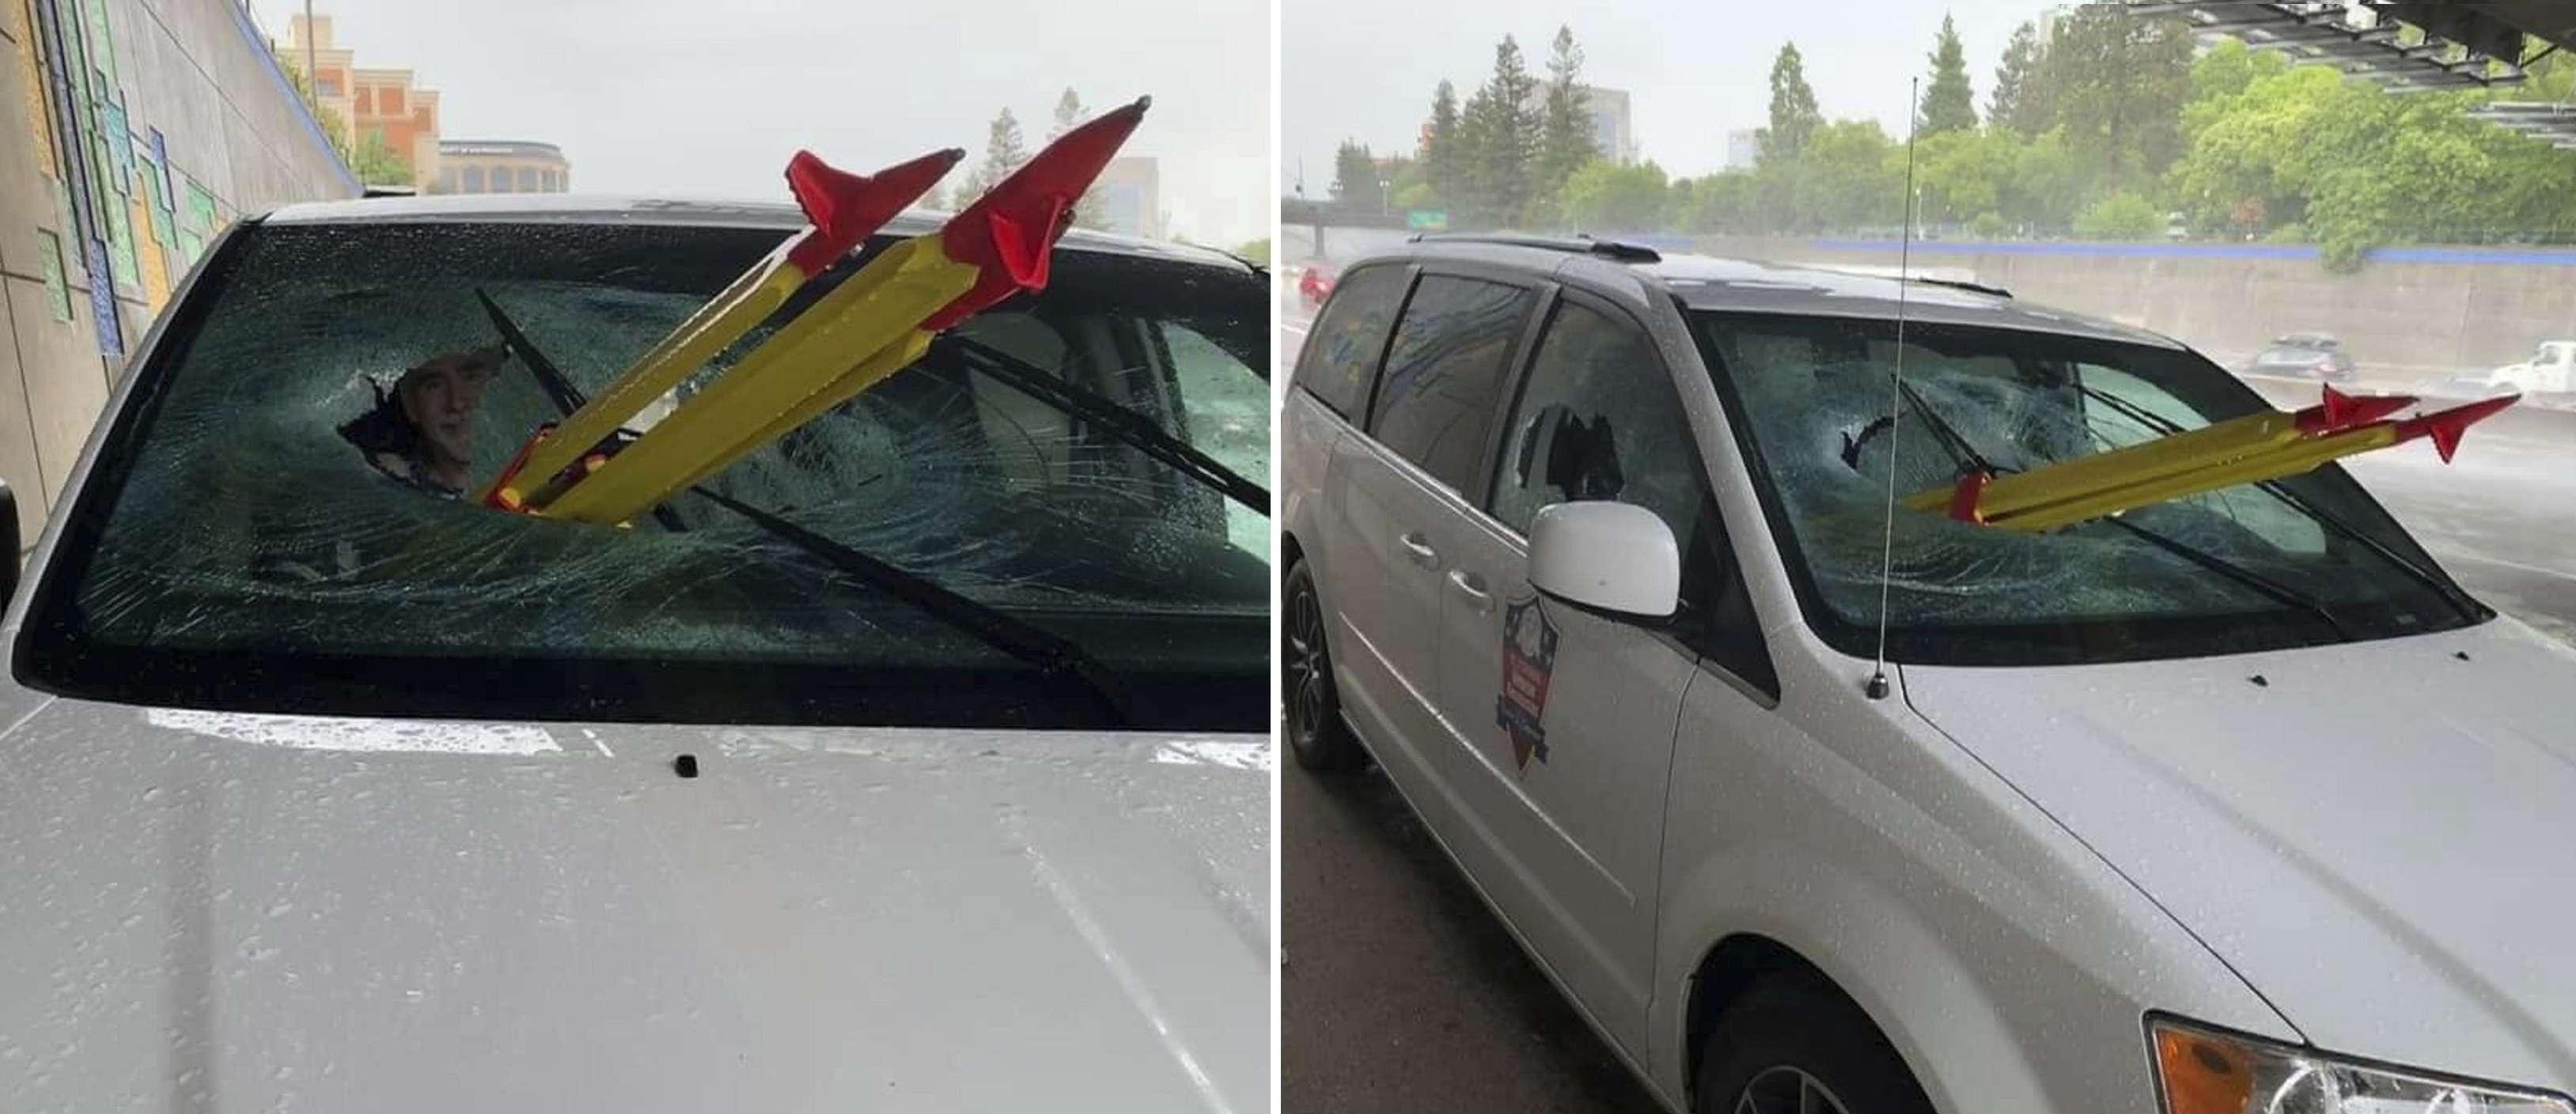 El pasajero sobrevivió pero con costillas rotas y un pulmón parcialmente perforado. AP